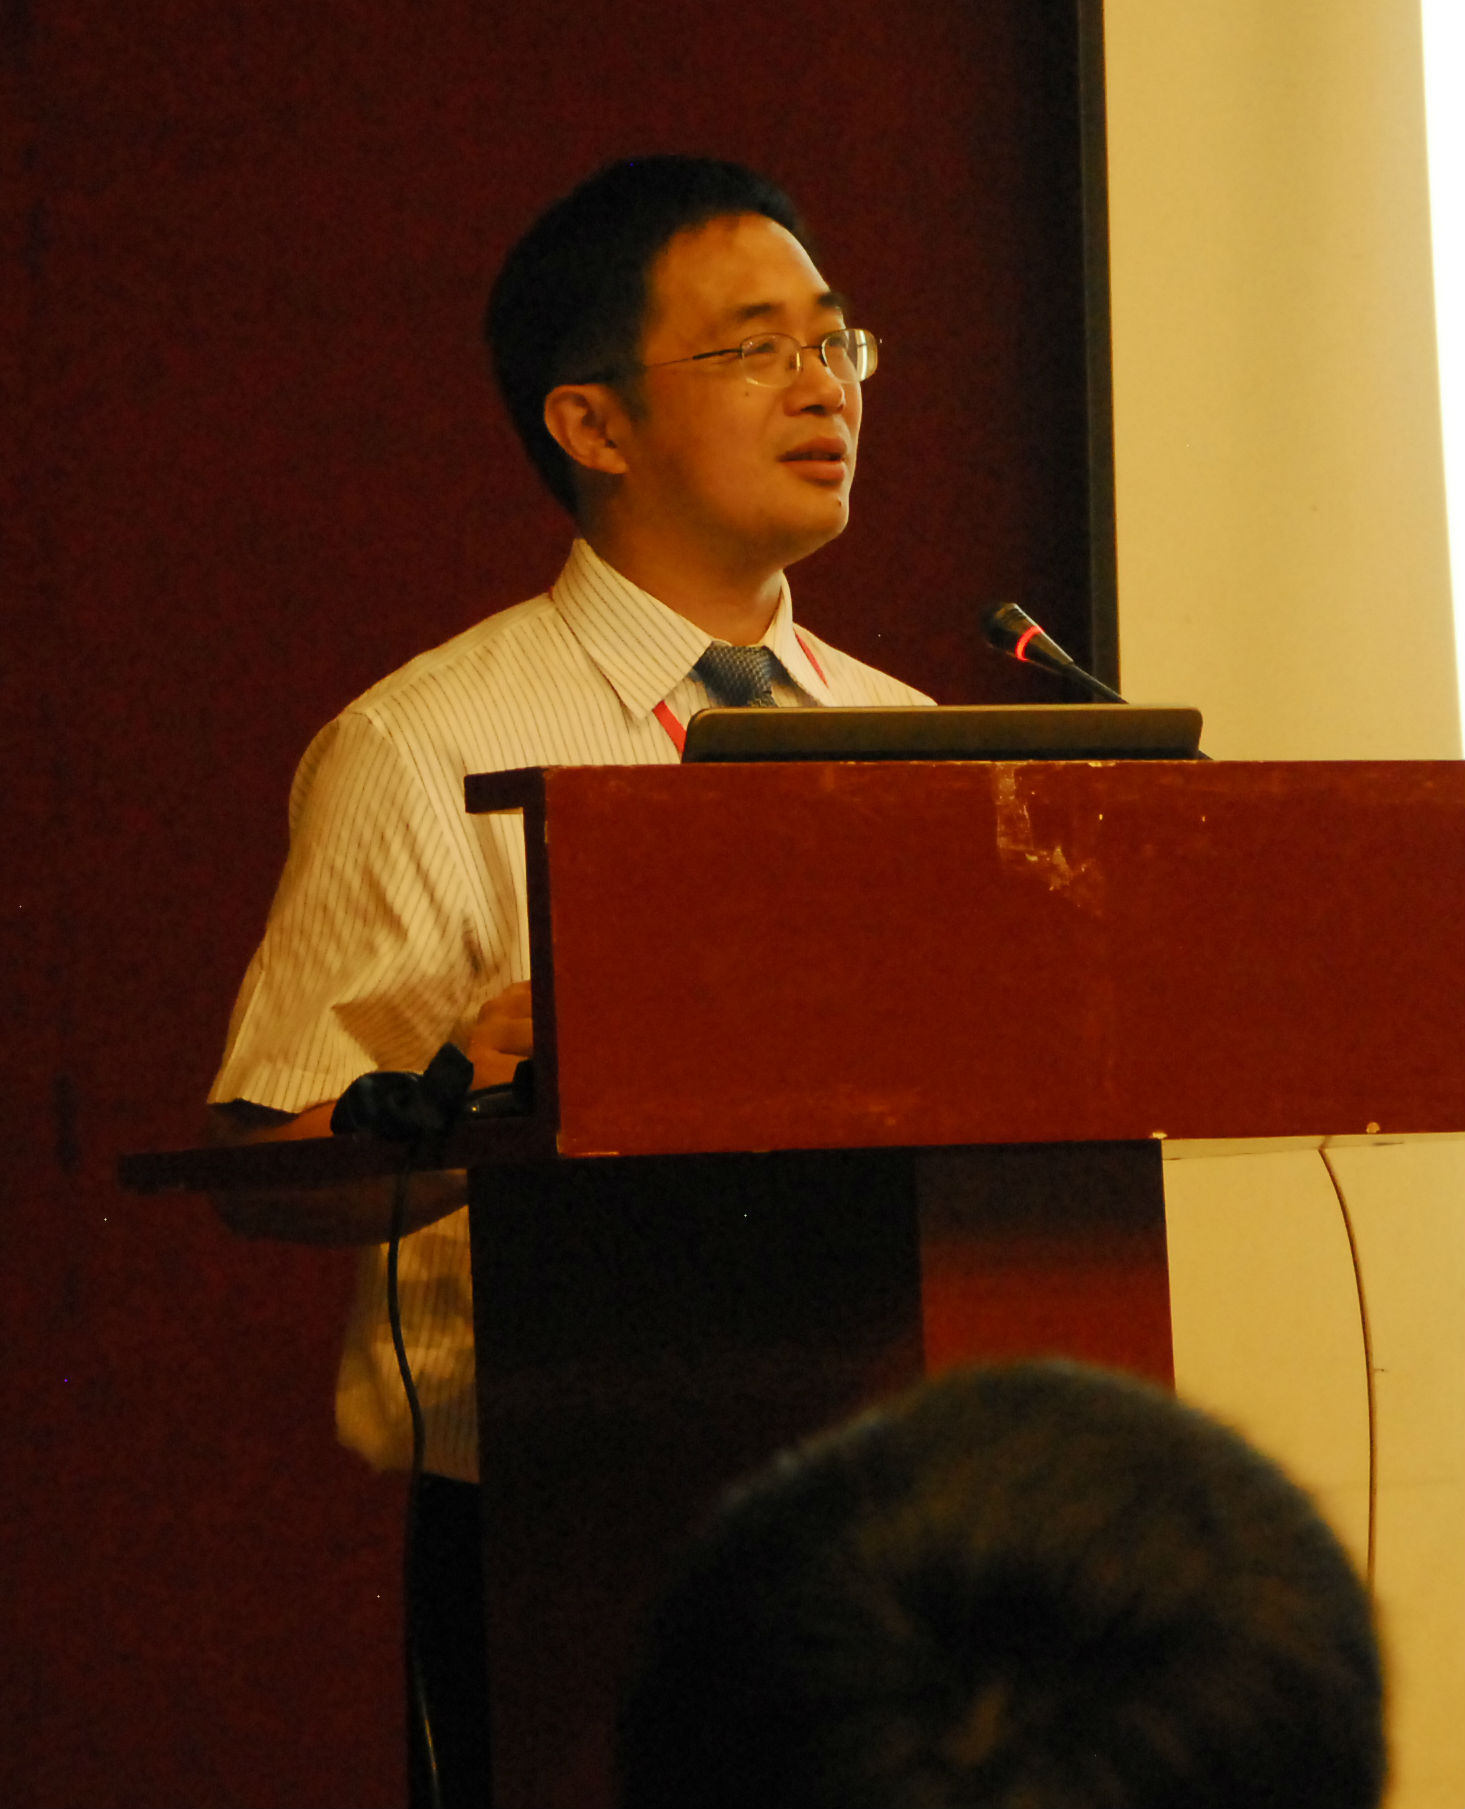 Yong CUI